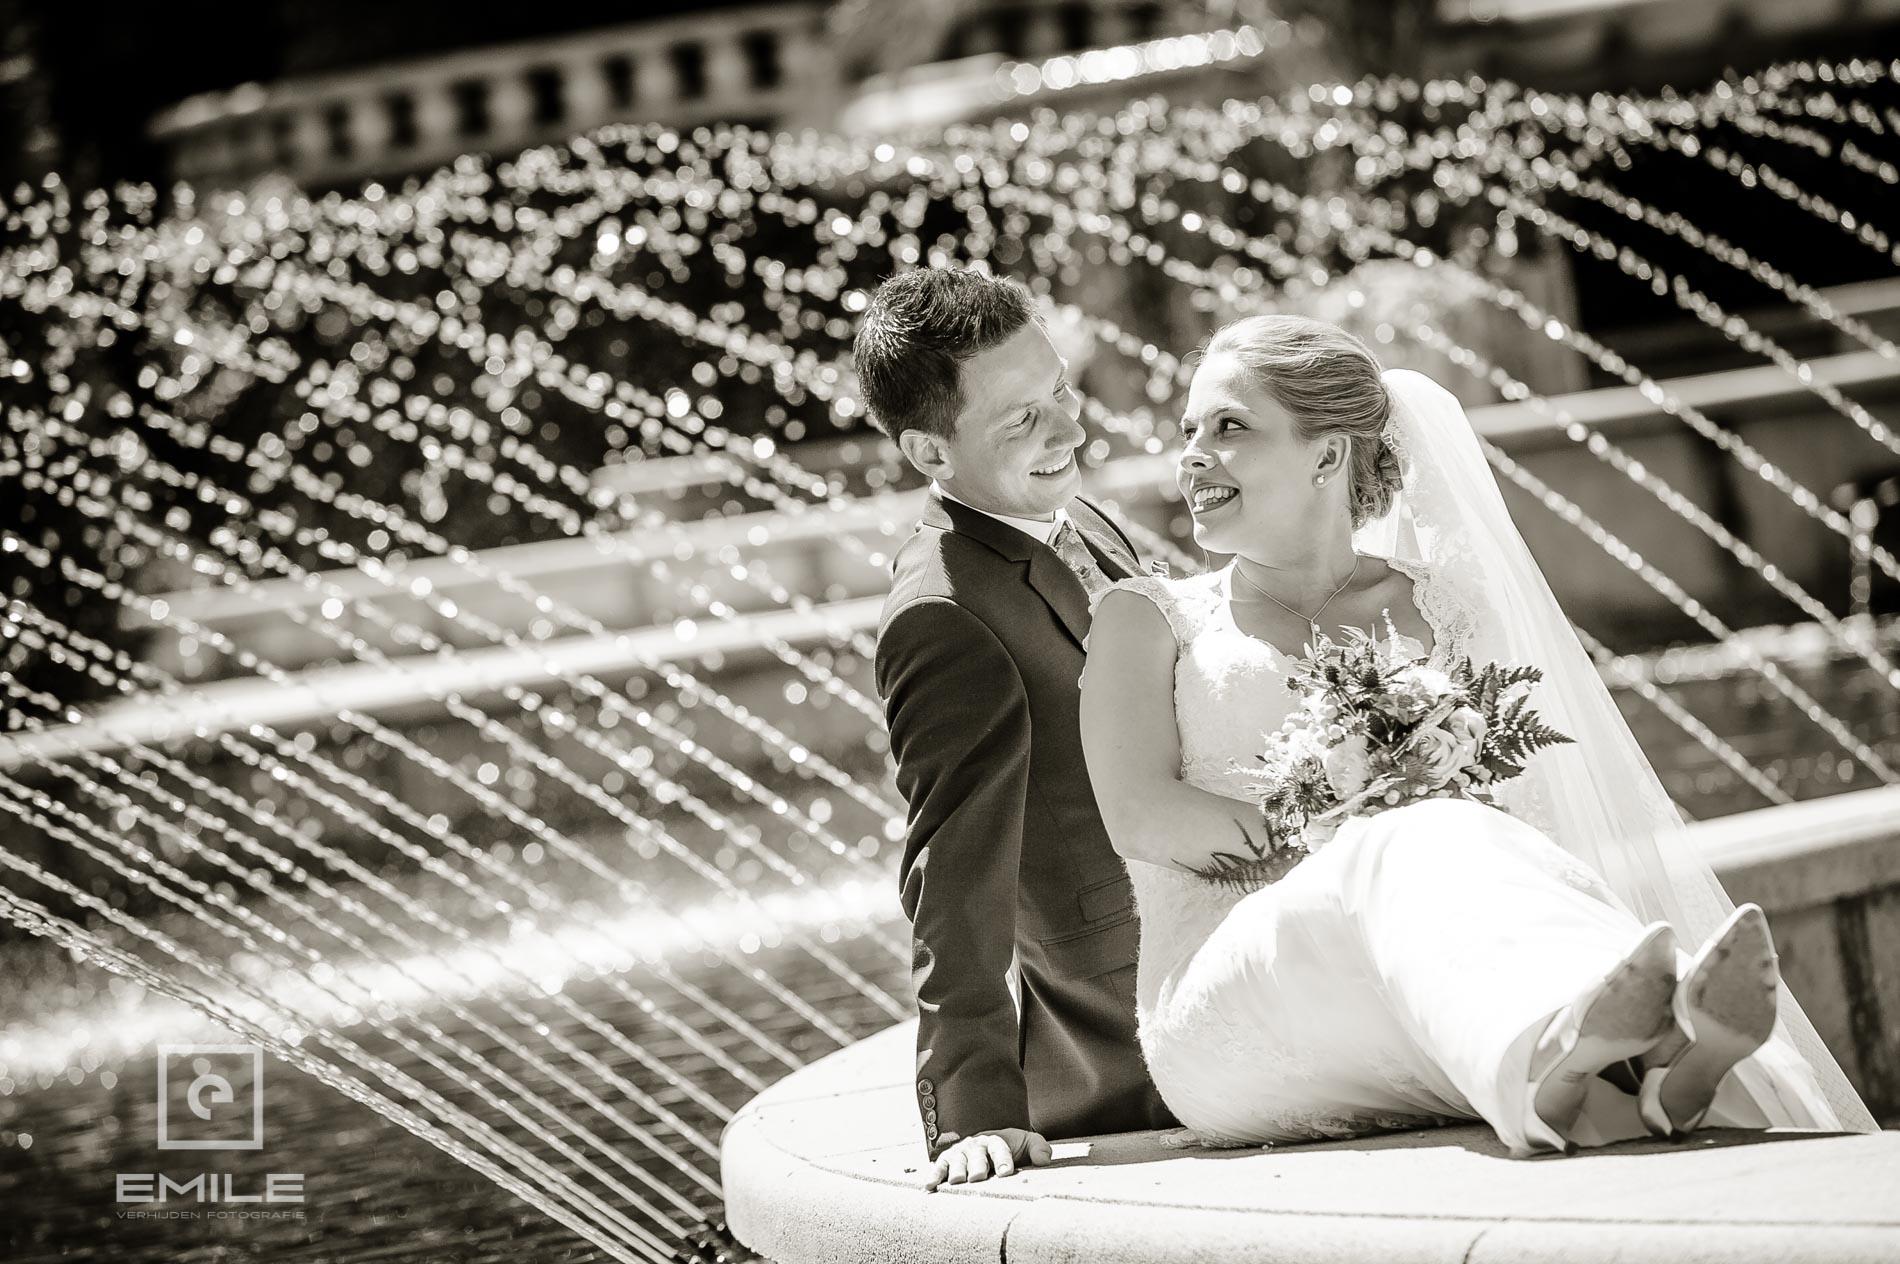 Bruidsfotograaf bij Kasteeltuinen Arcen. Top foto bij de vijver en fontein!